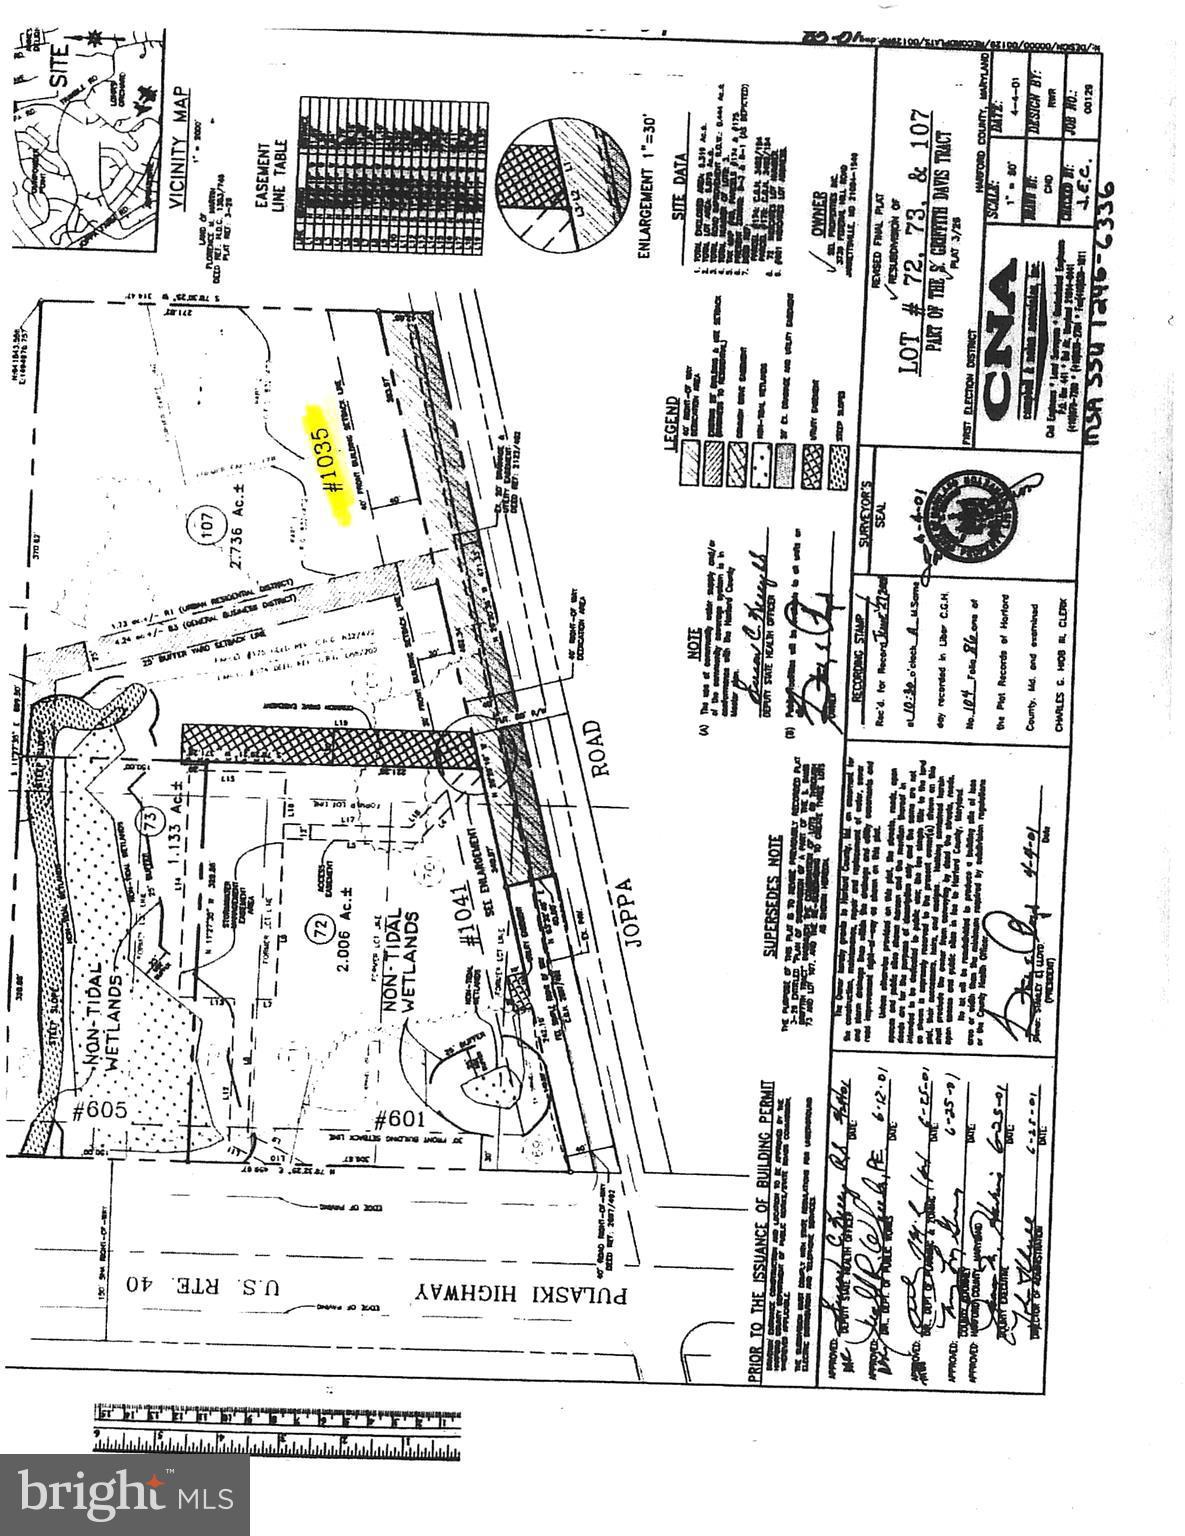 1035 JOPPA ROAD, JOPPA, MD 21085